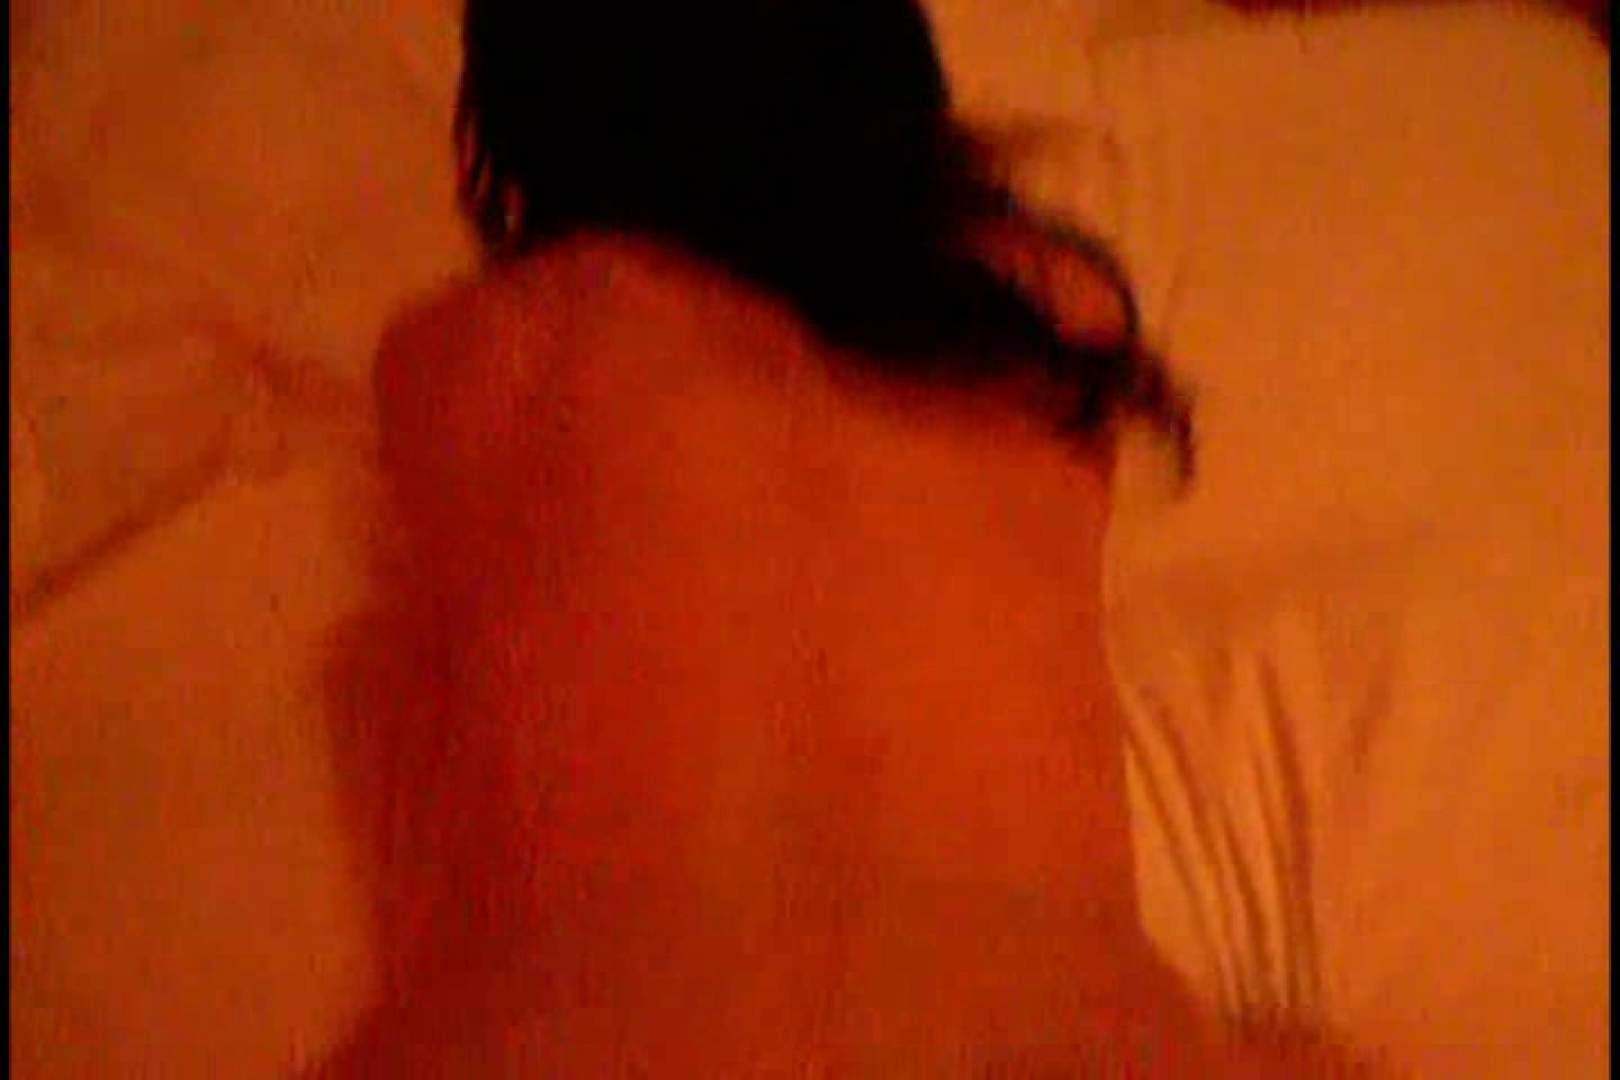 某掲示板に投稿された素人女性たちVOL.9 ホテル  94PIX 45